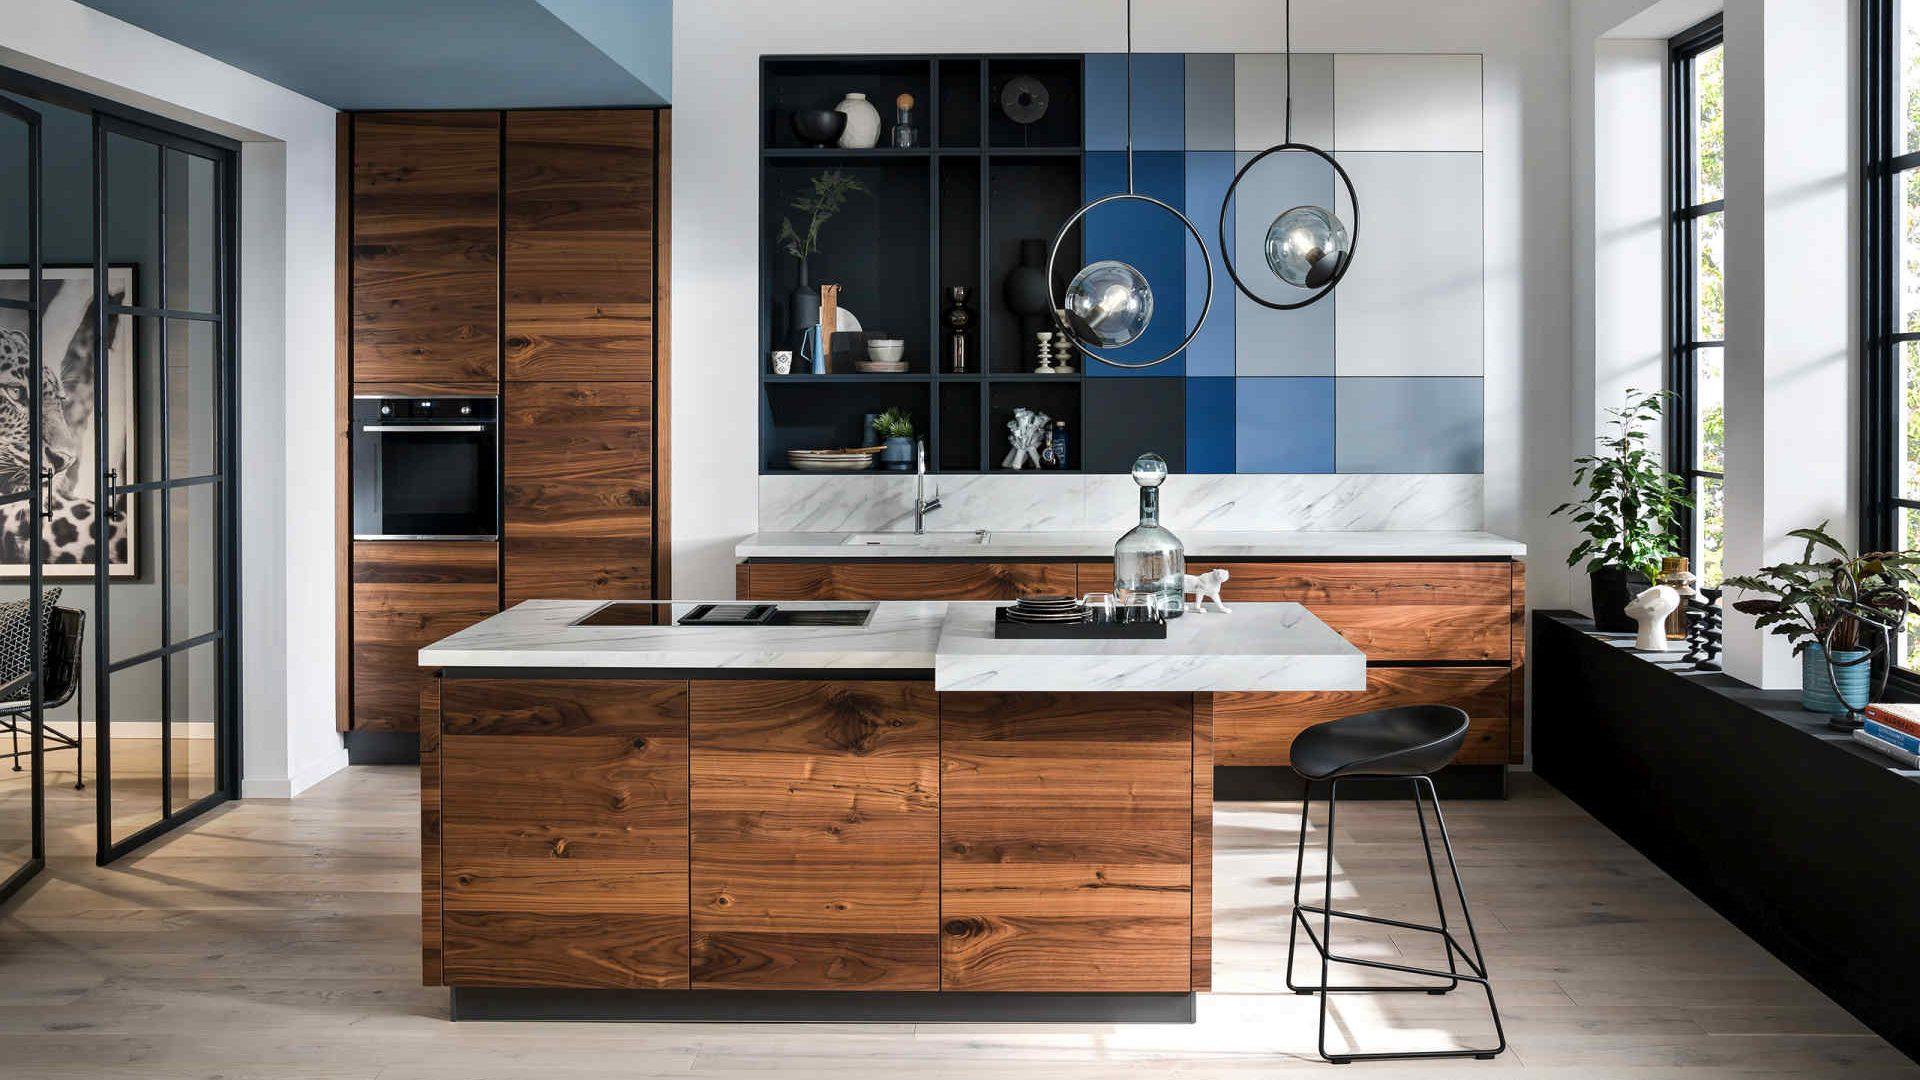 Nussbaum Häcker Küche mit blauen Farbaktzenten - Küchentrends 2021